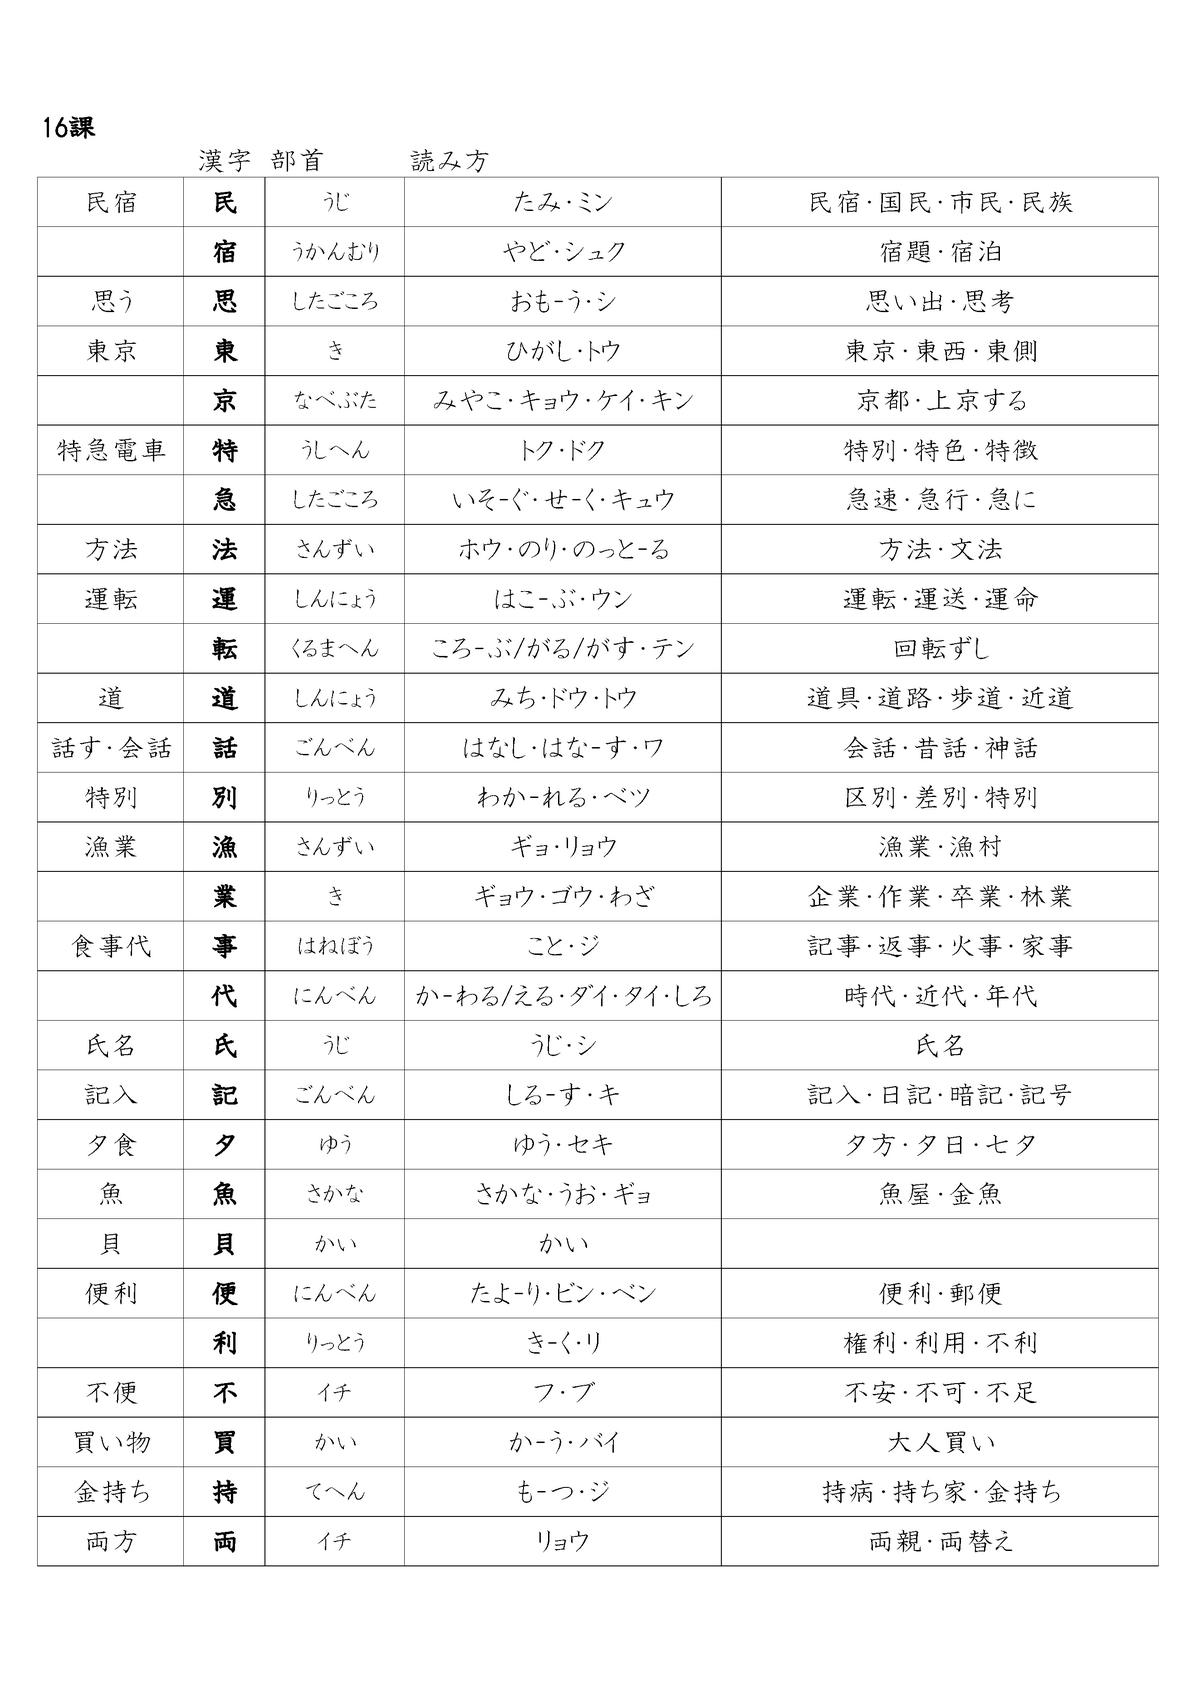 漢字 て へん の